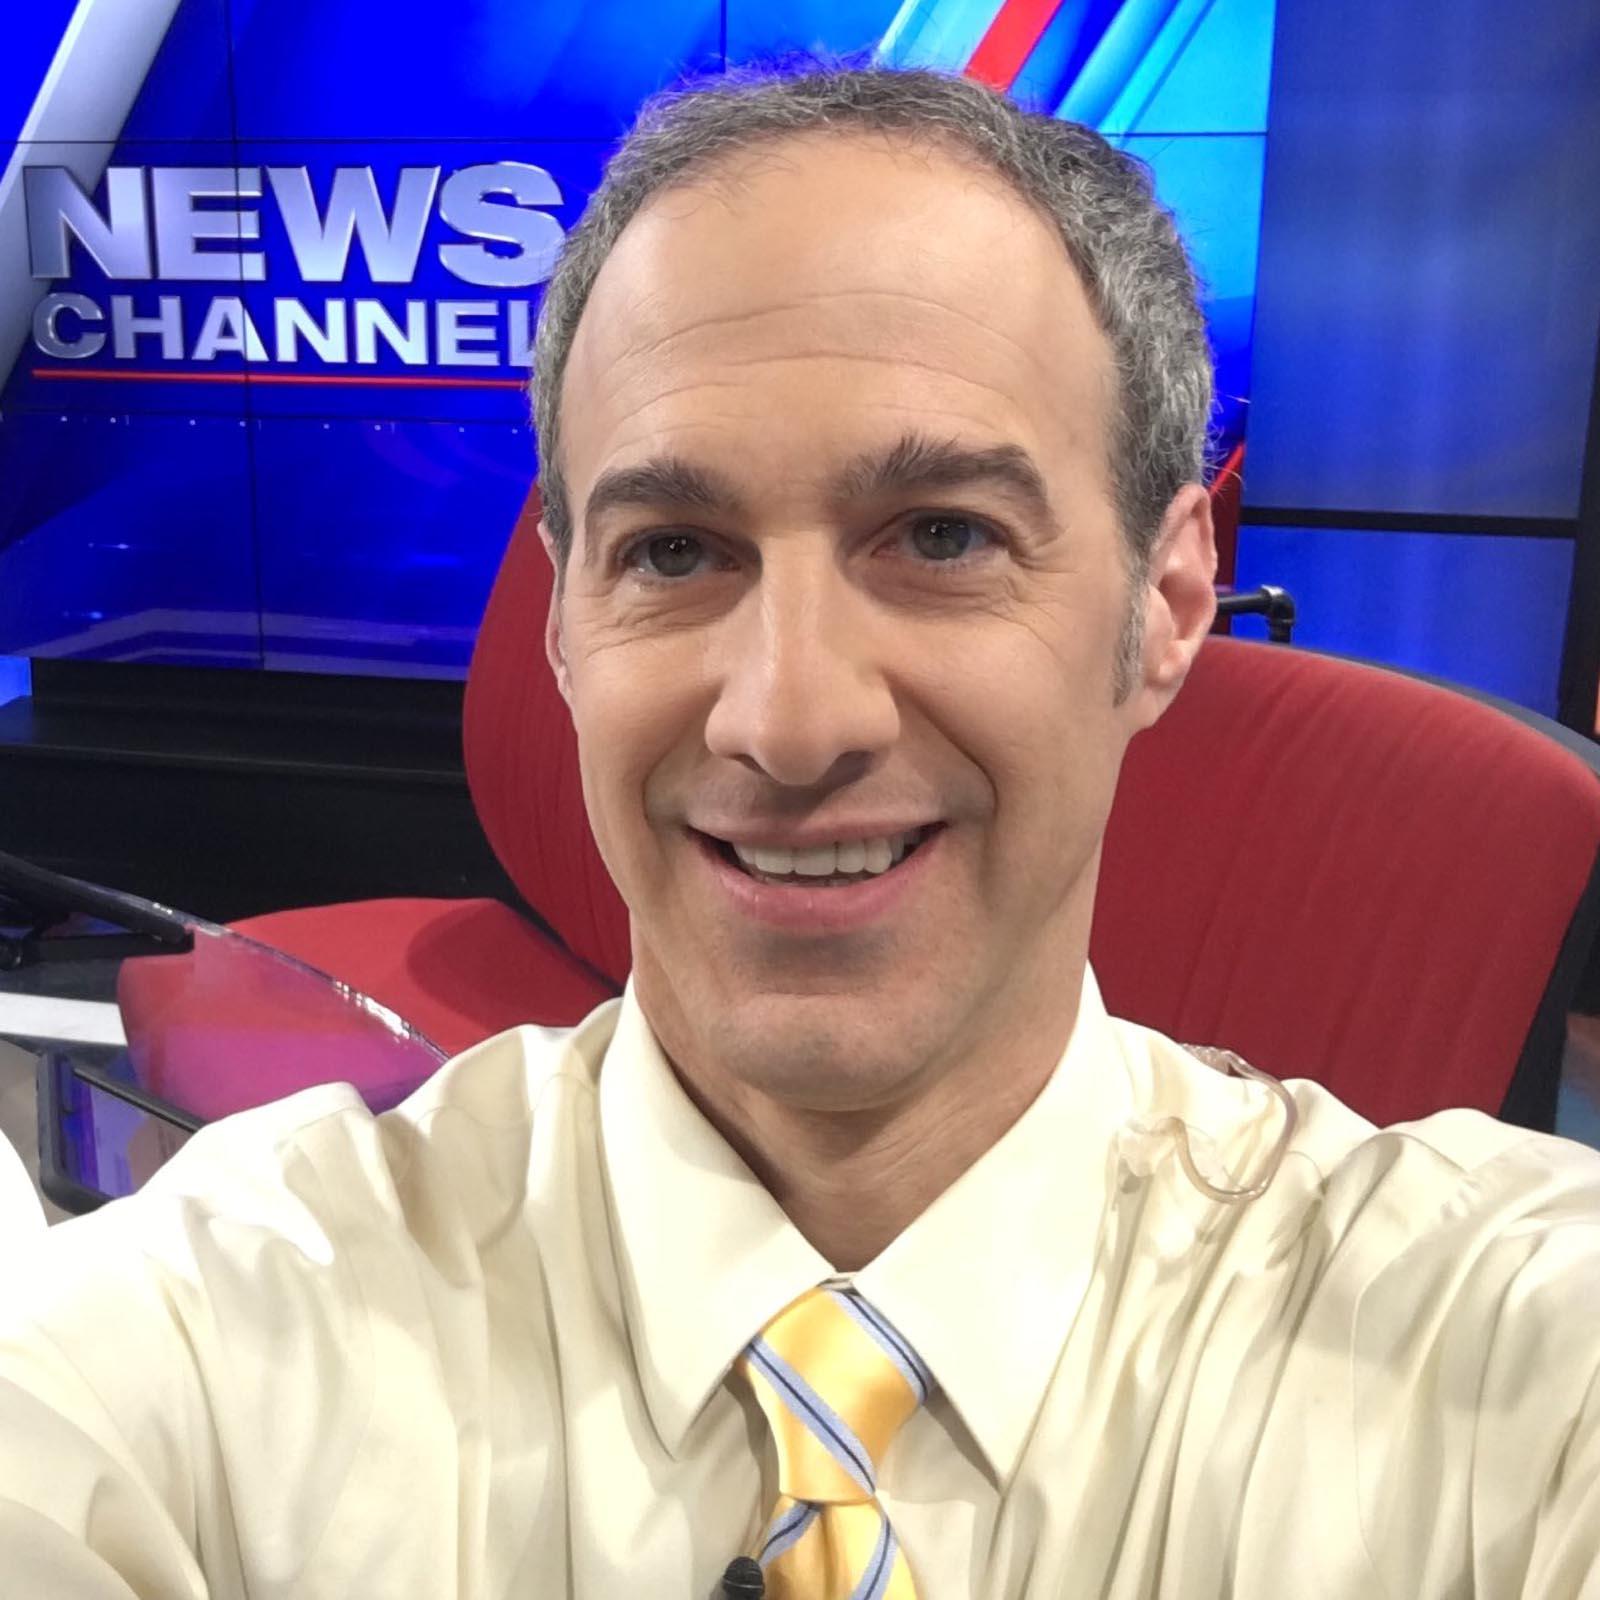 Anchor of WSYR - Jeff Kulikowski